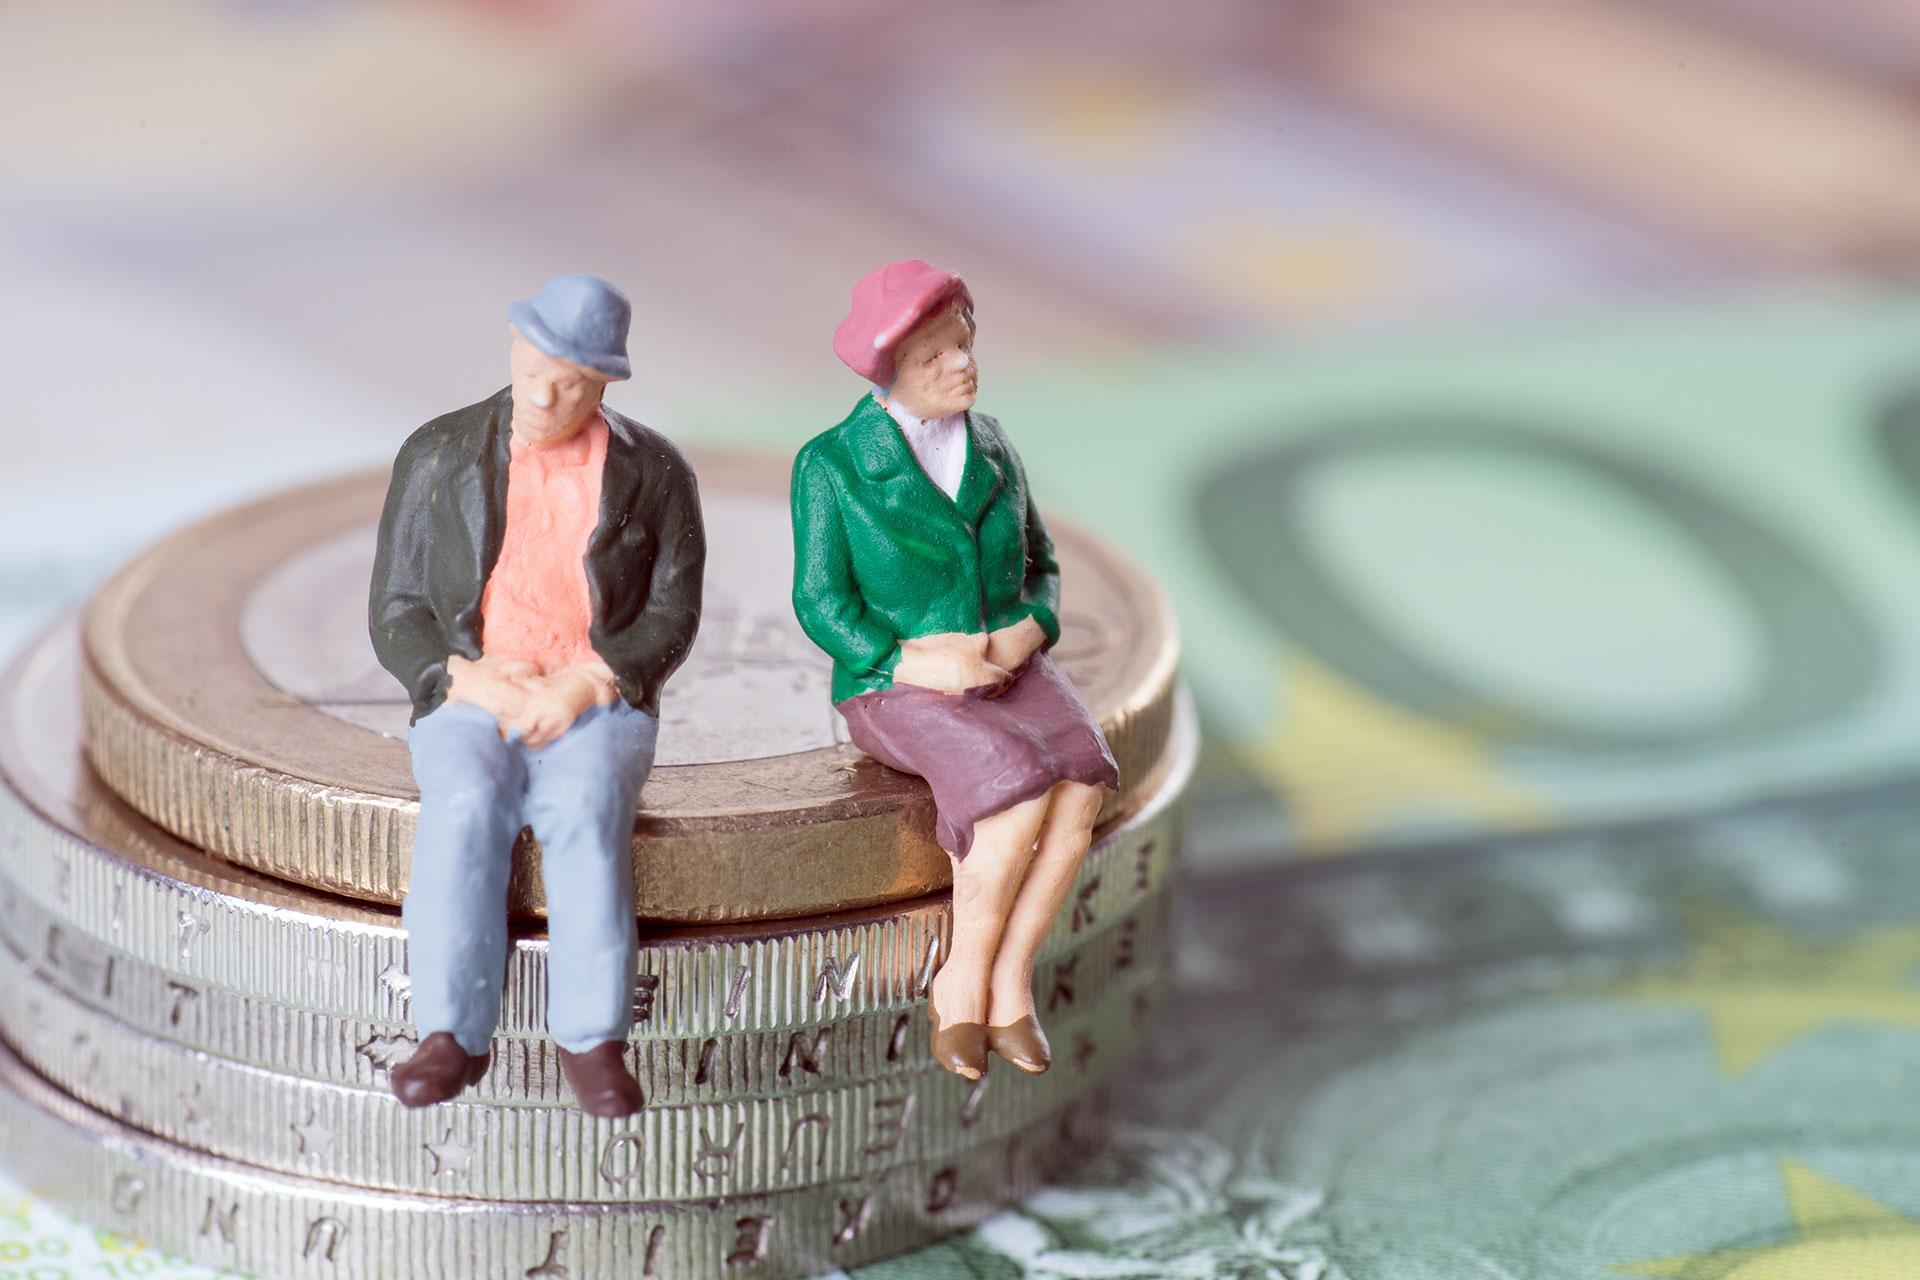 Cos'è la pensione di vecchiaia e perché rivolgersi al Patronato Inac